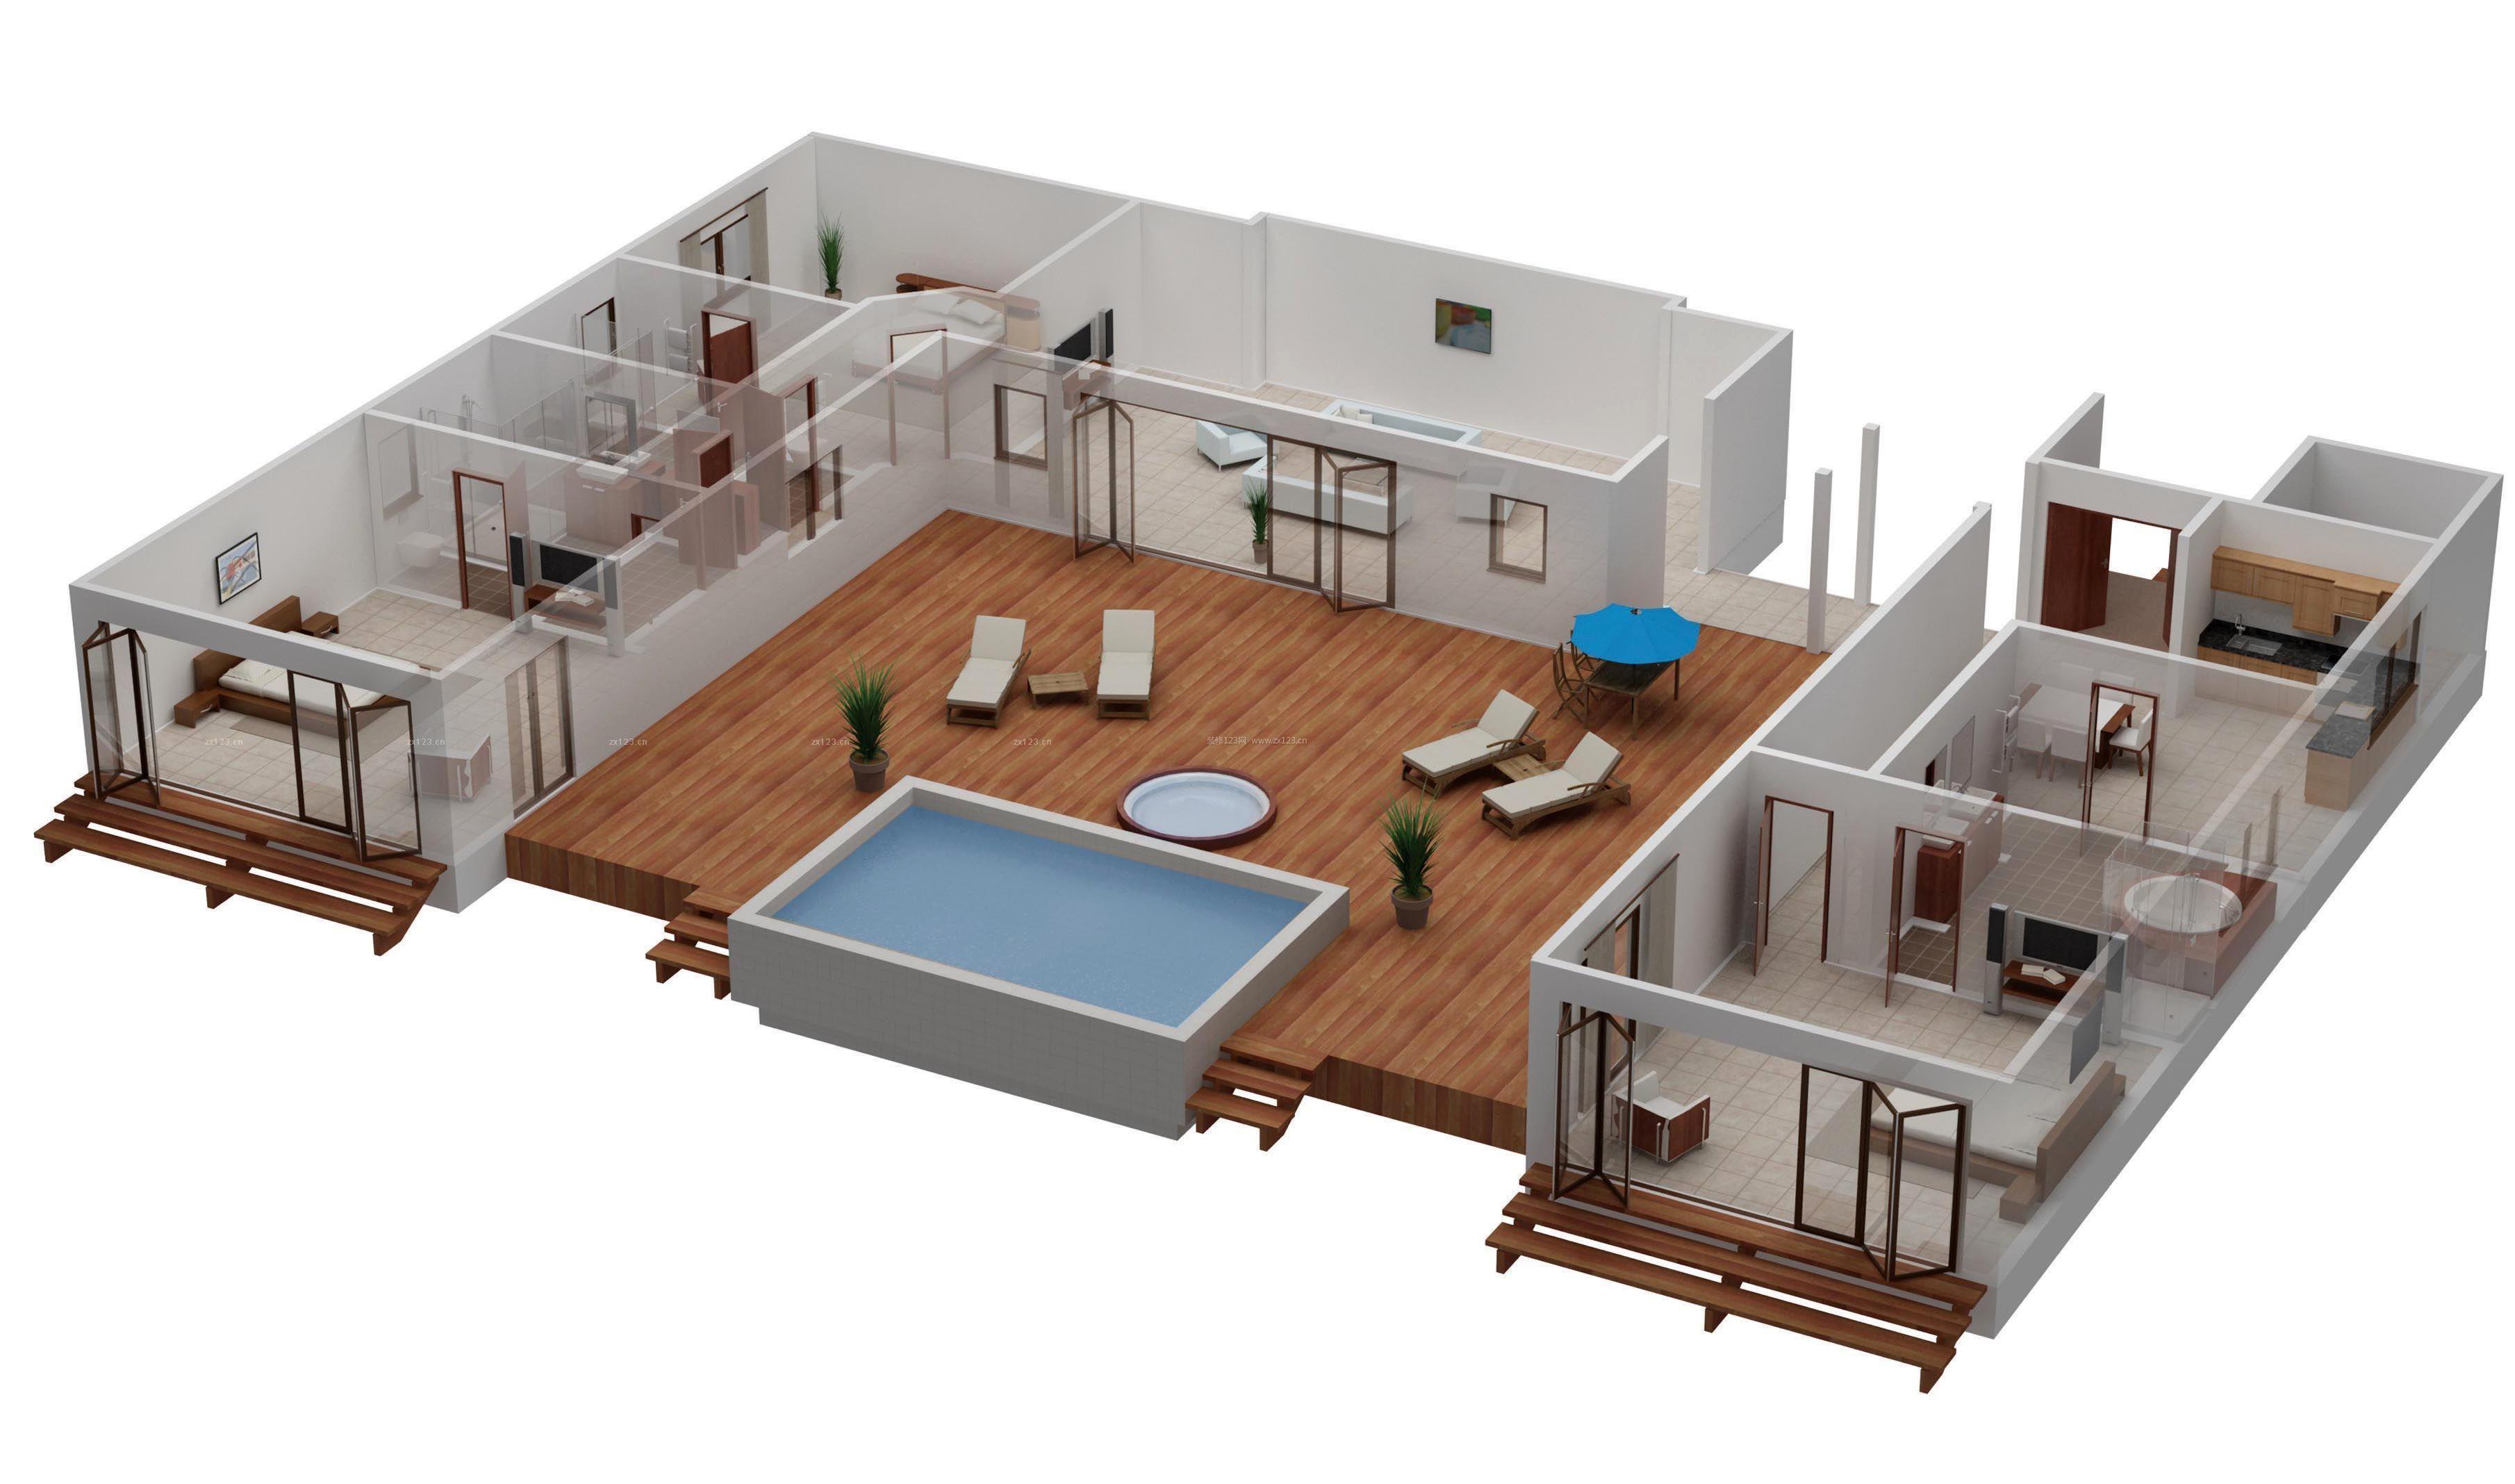 舒适120平米独栋豪华别墅3d户型图设计_装修图片